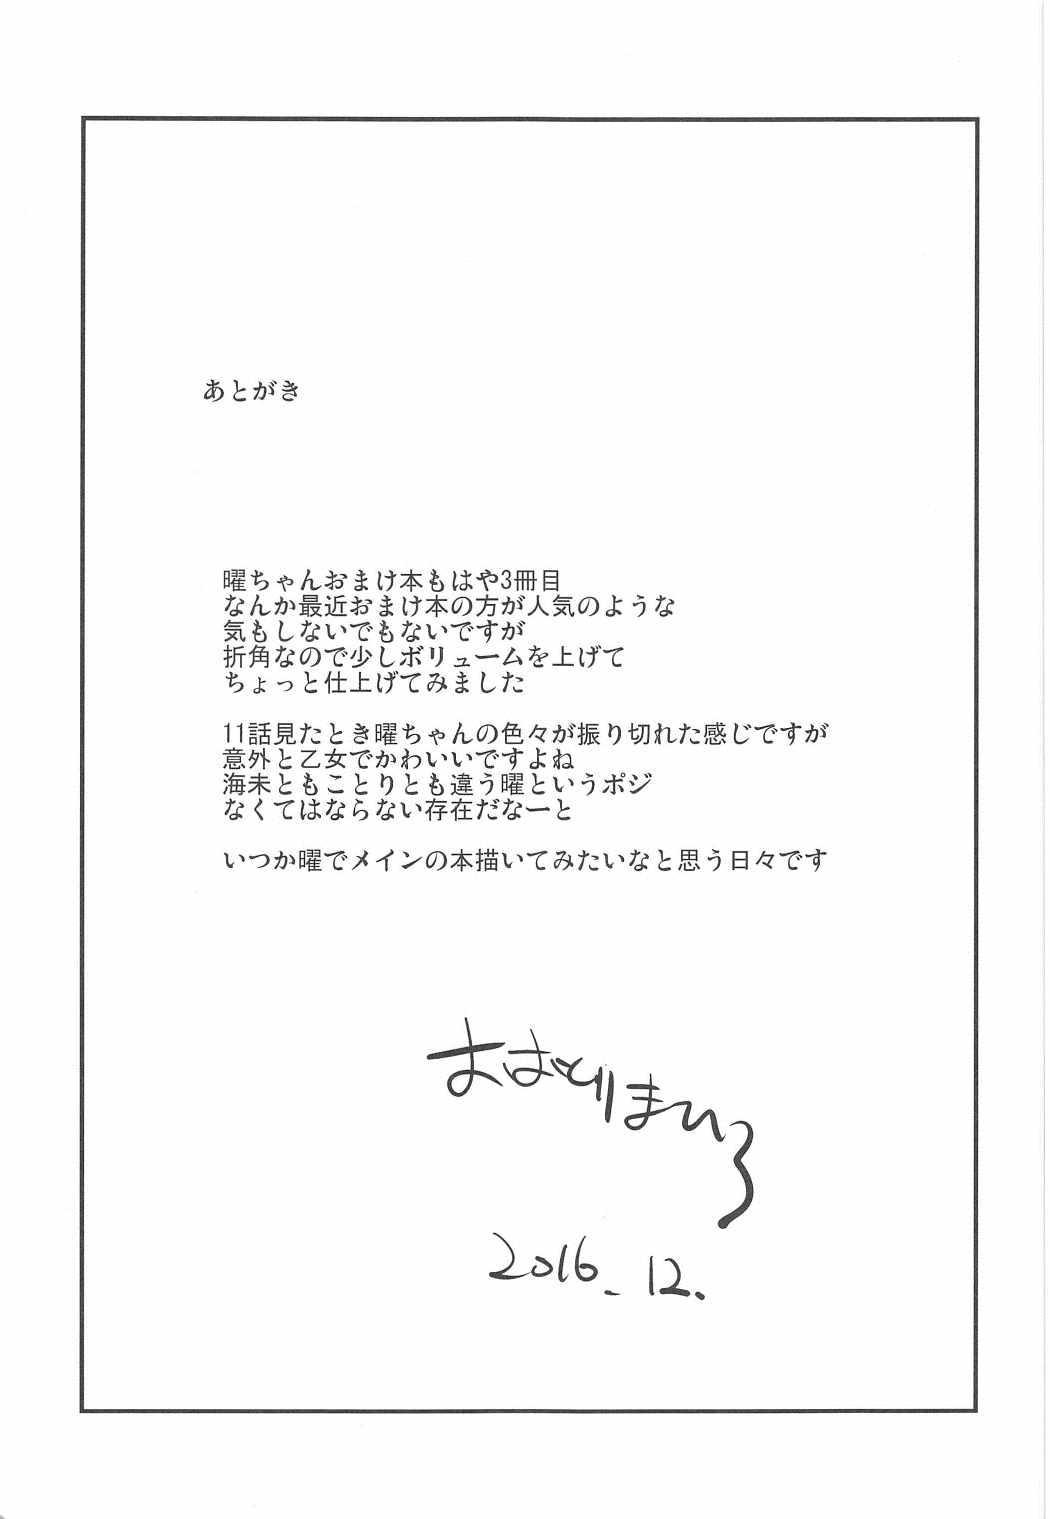 1p ni Hitori Dareka ga Shasei Suru Hon 11